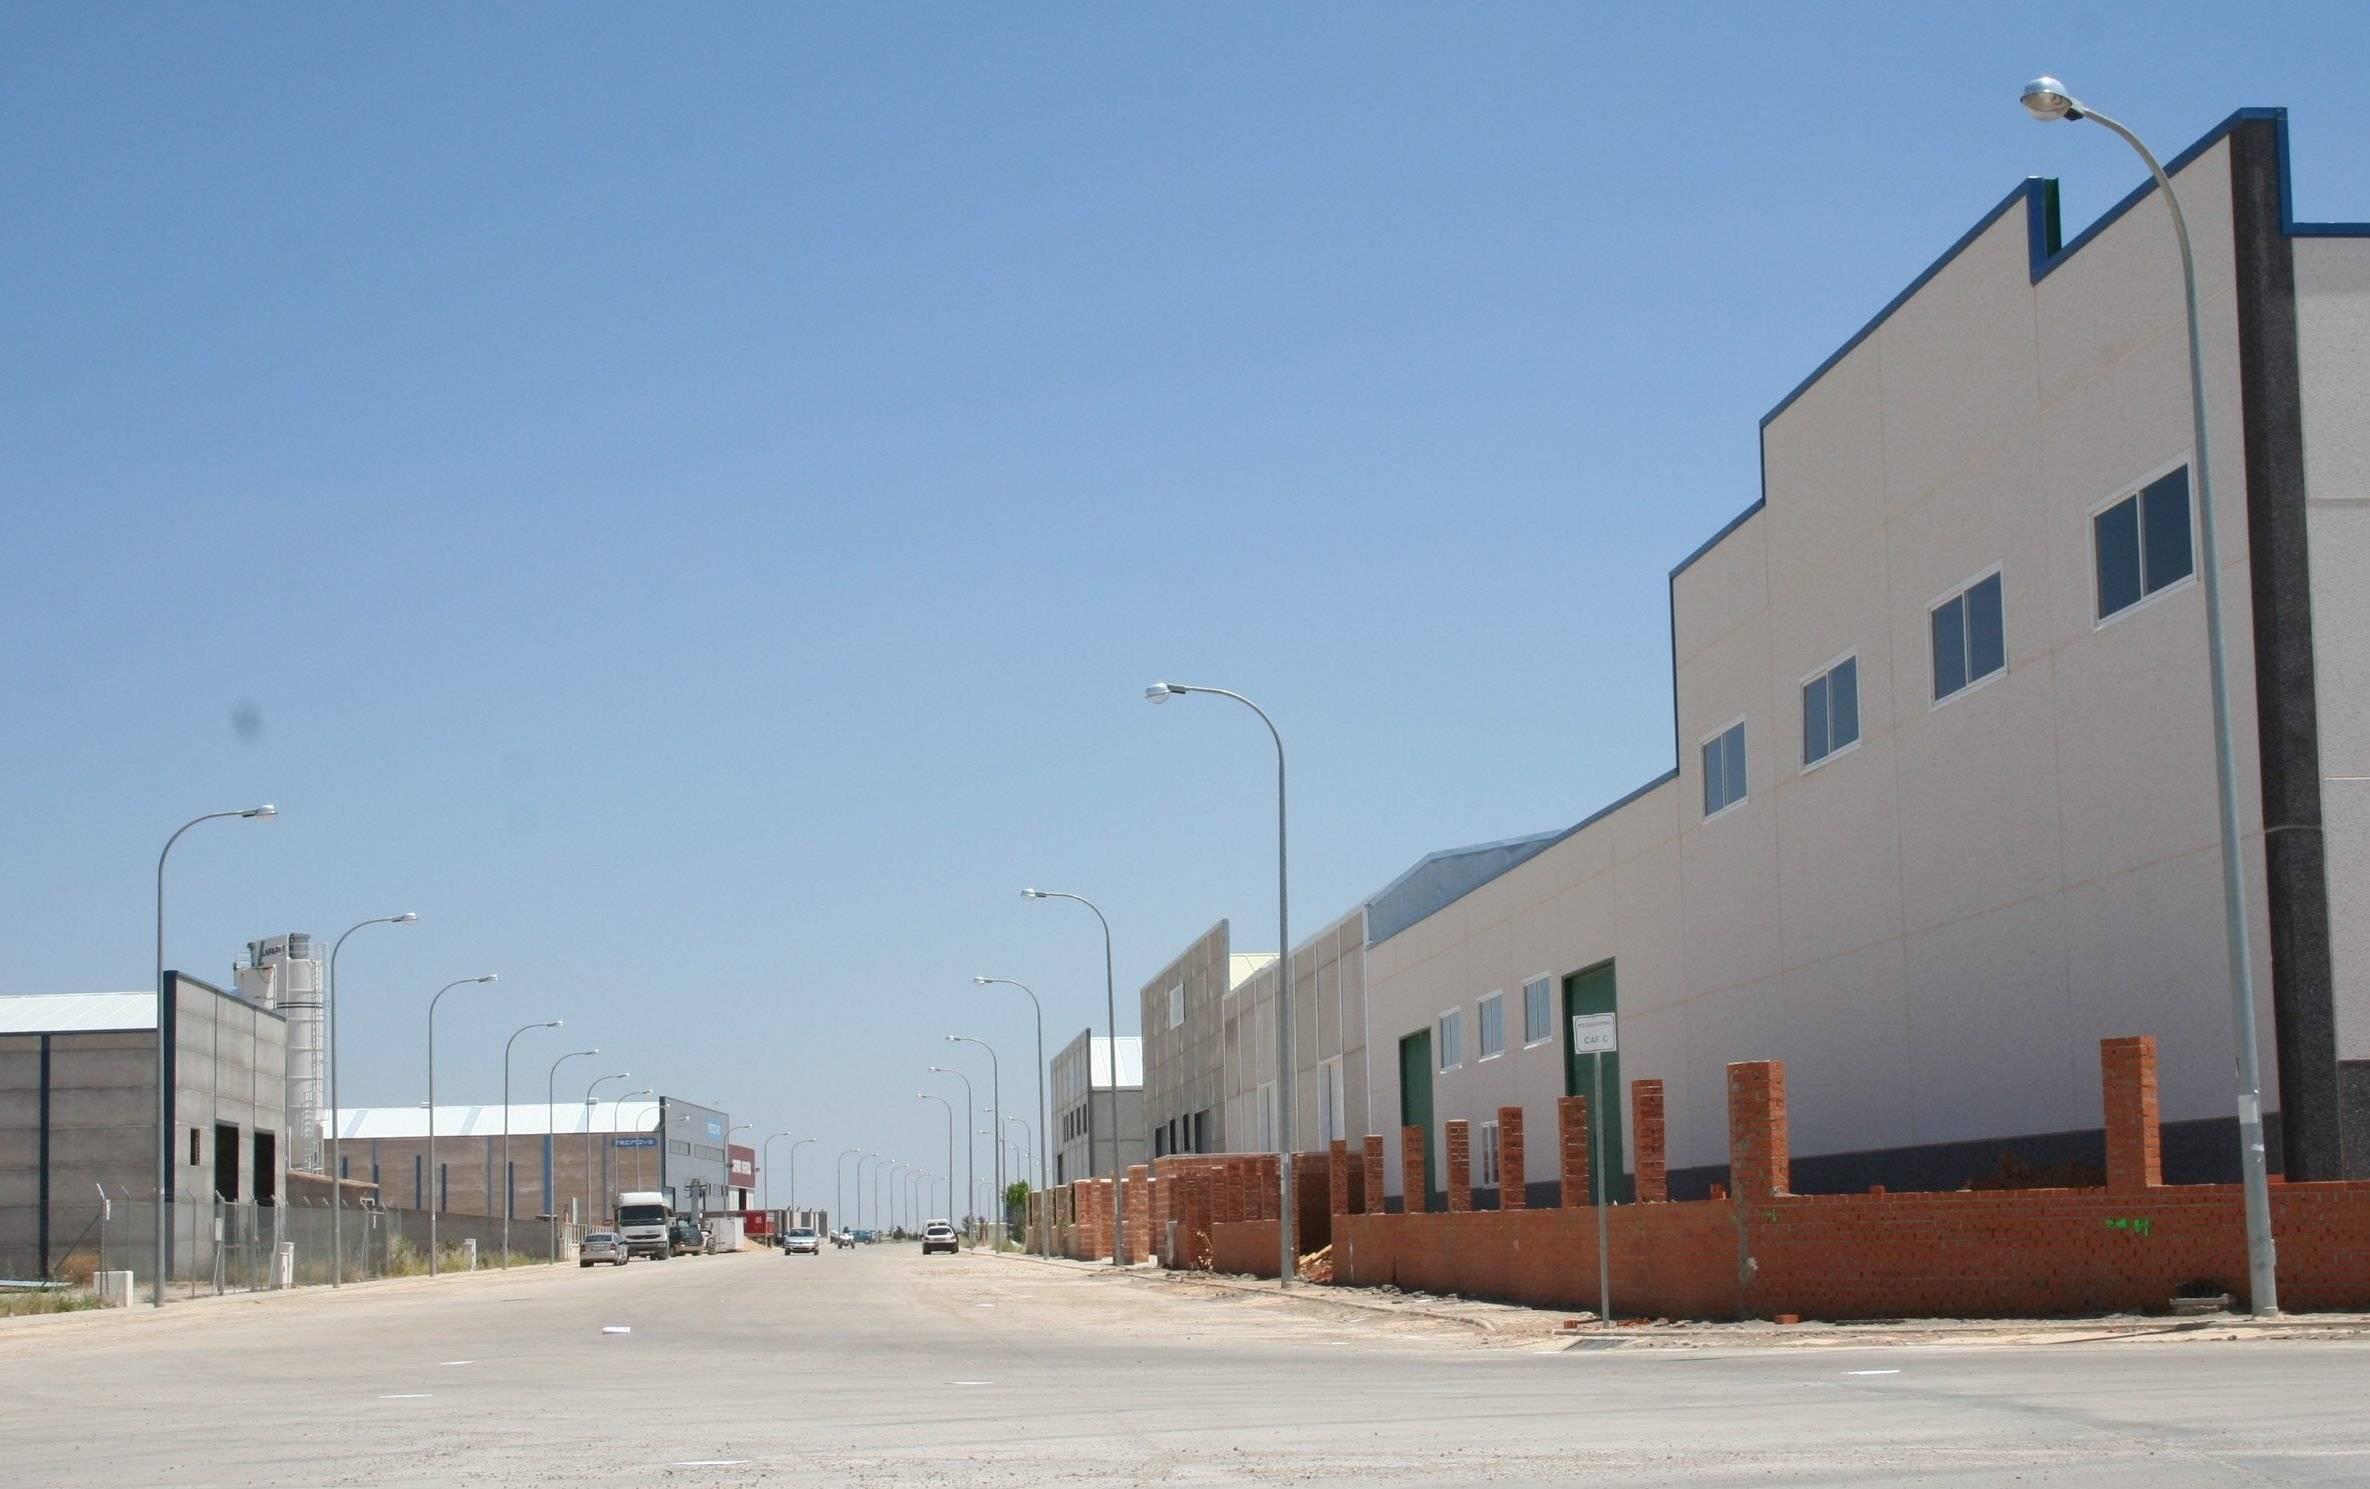 herencia poligono industrial - Cortes de agua por mantenimiento en el polígono, martes 30 de junio